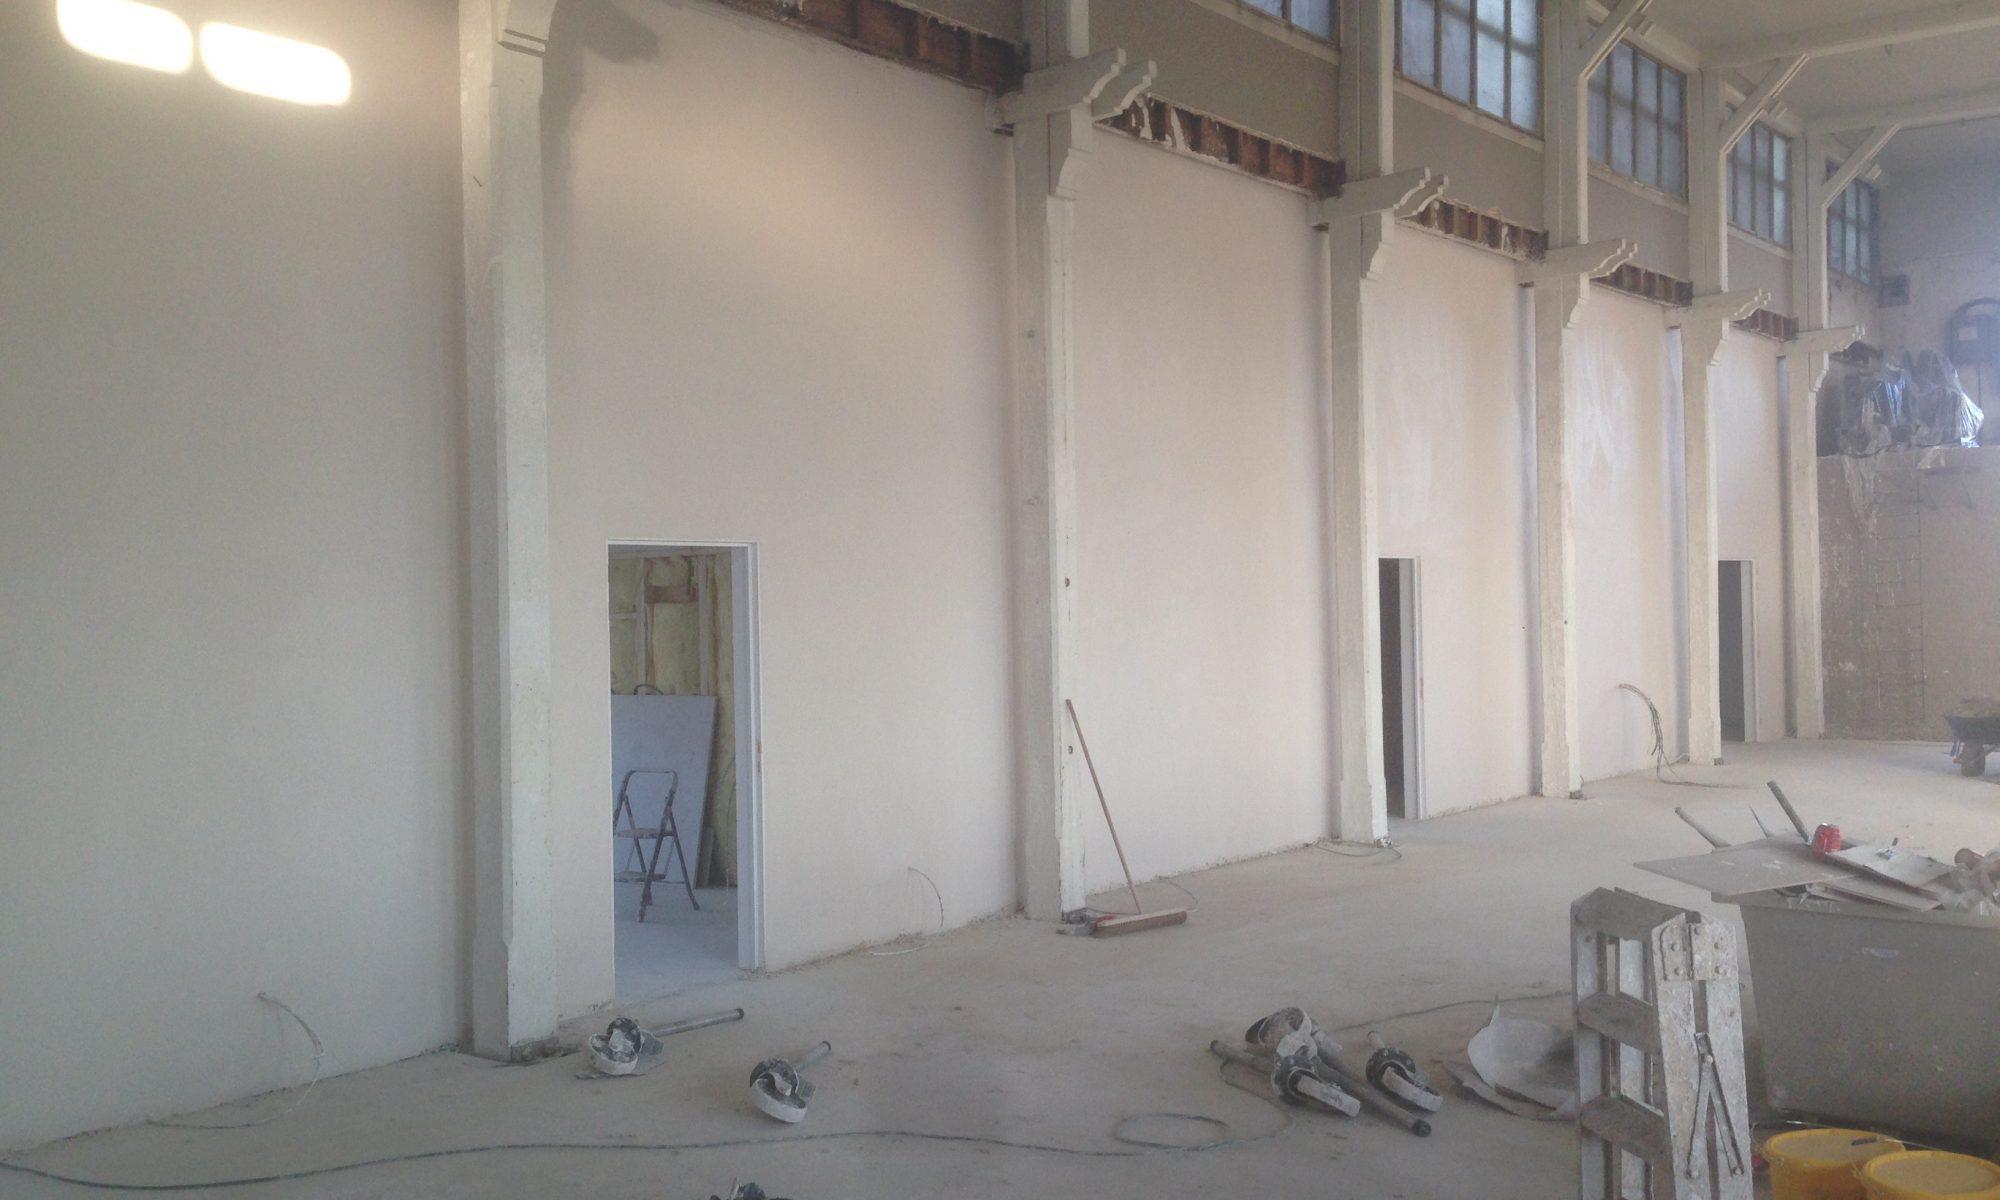 muur verwarming afgewerkt met pleisterwerk